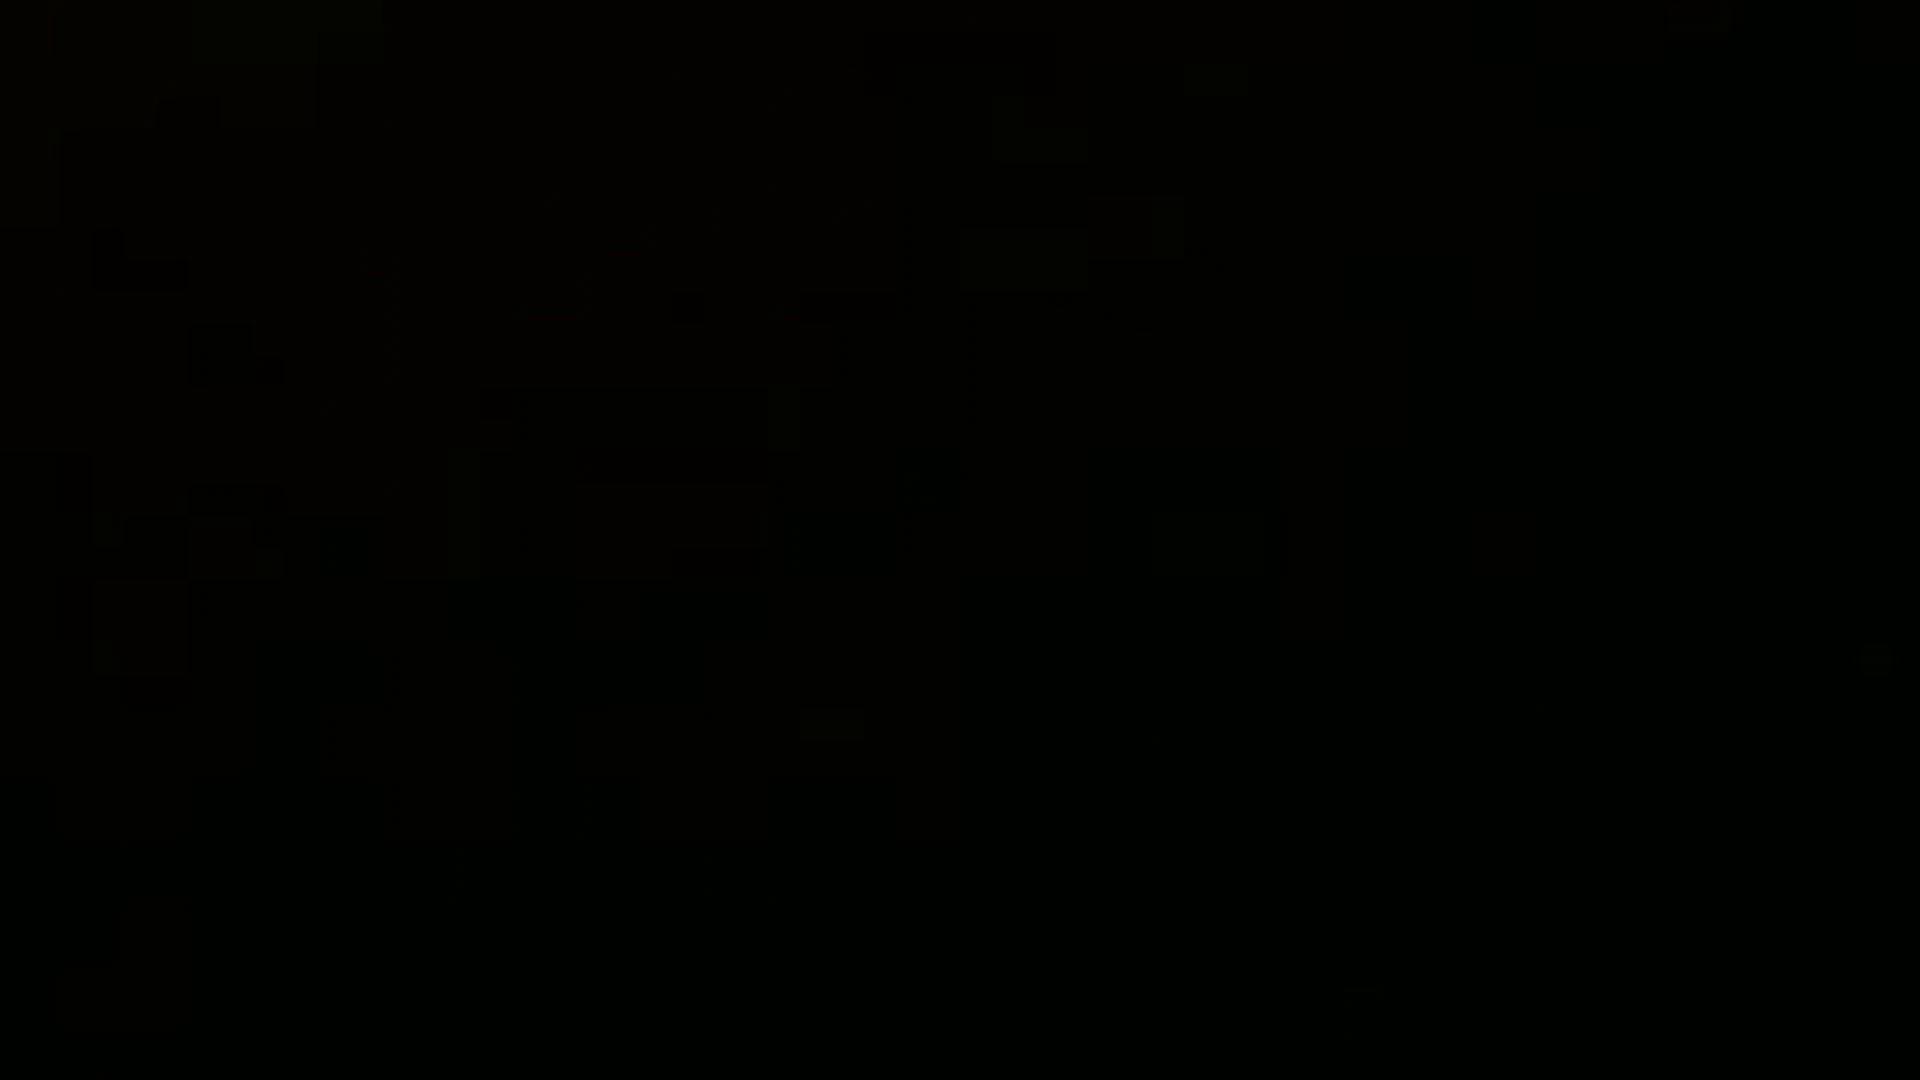 ~厳選!素人イケメン~俺のオナニズムⅢVol.09 隠し撮り特集 | イケメンズ ゲイAV 107枚 38